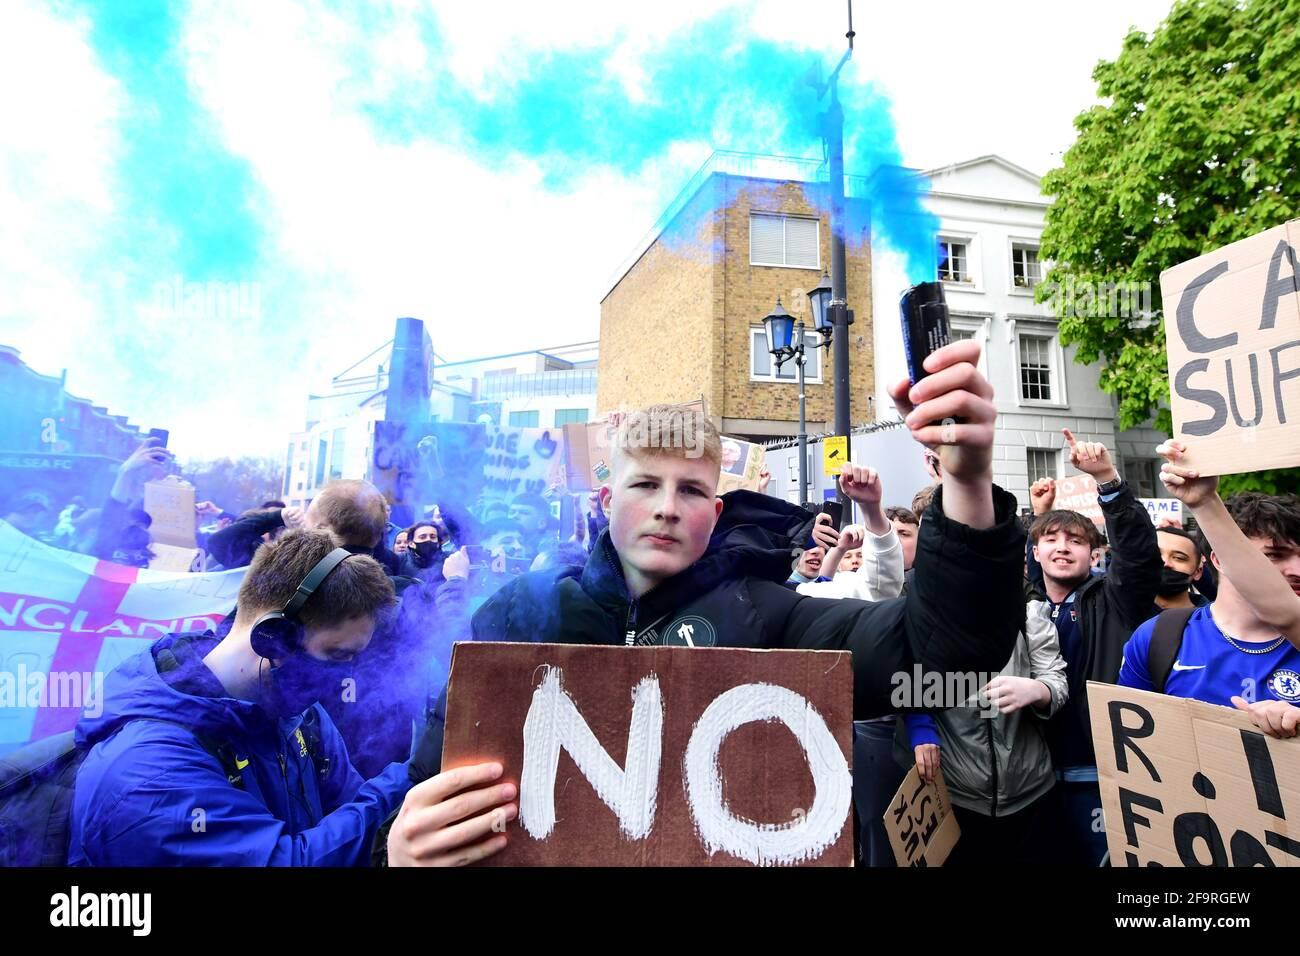 Les fans protestent contre l'implication de Chelsea dans la nouvelle Super League européenne à l'extérieur de Stamford Bridge, Londres. Date de la photo: Mardi 20 avril 2021. Banque D'Images